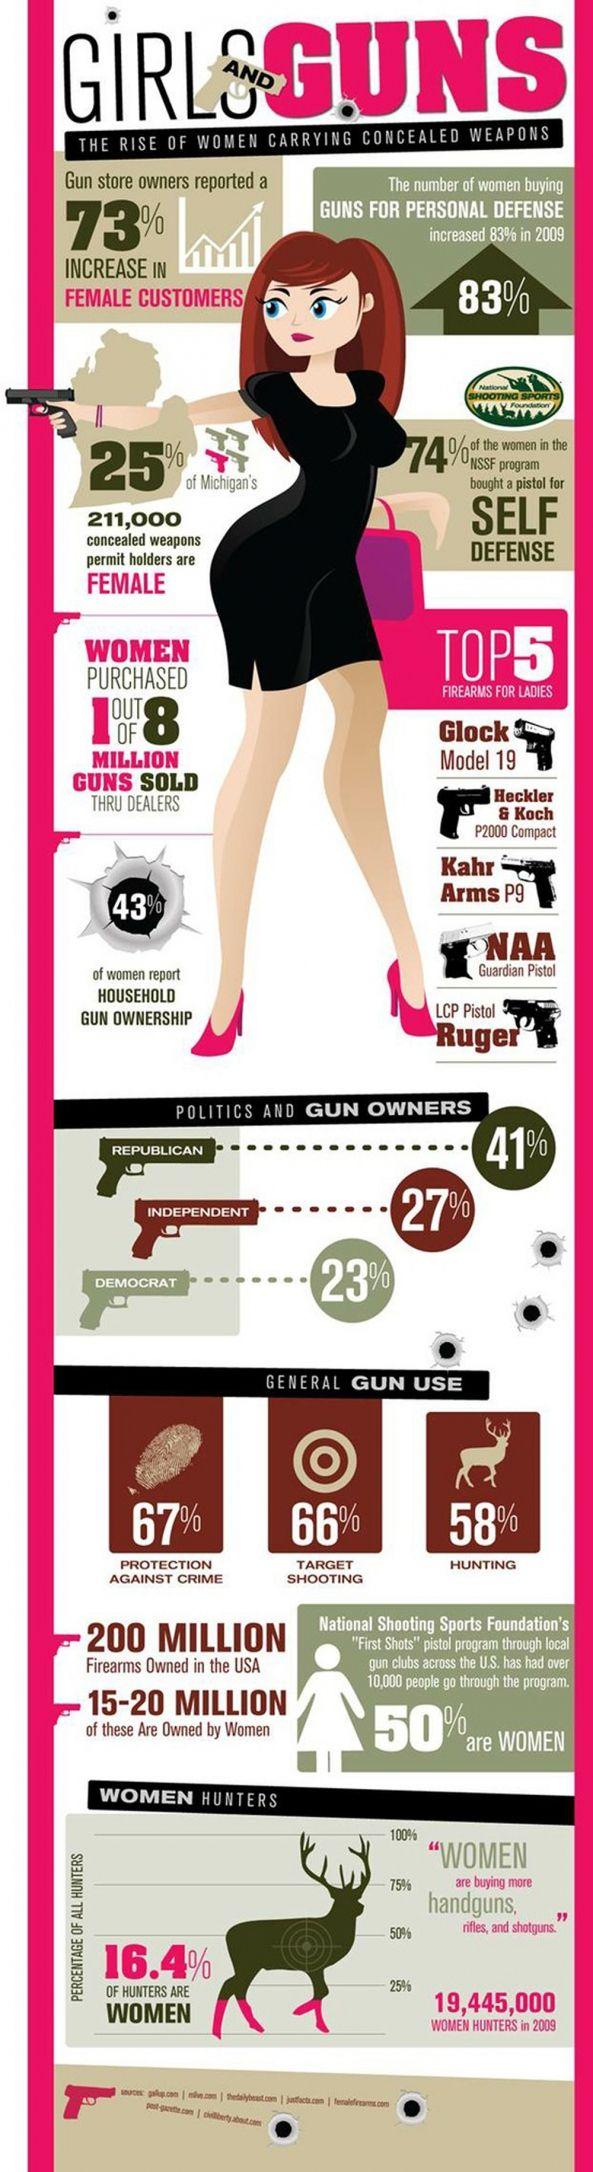 girls & guns: Girls Guns, Girl Guns,  Internet Site, Go Girls,  Website, Girls Generation, Web Site, Carrie Concealer, Infographic